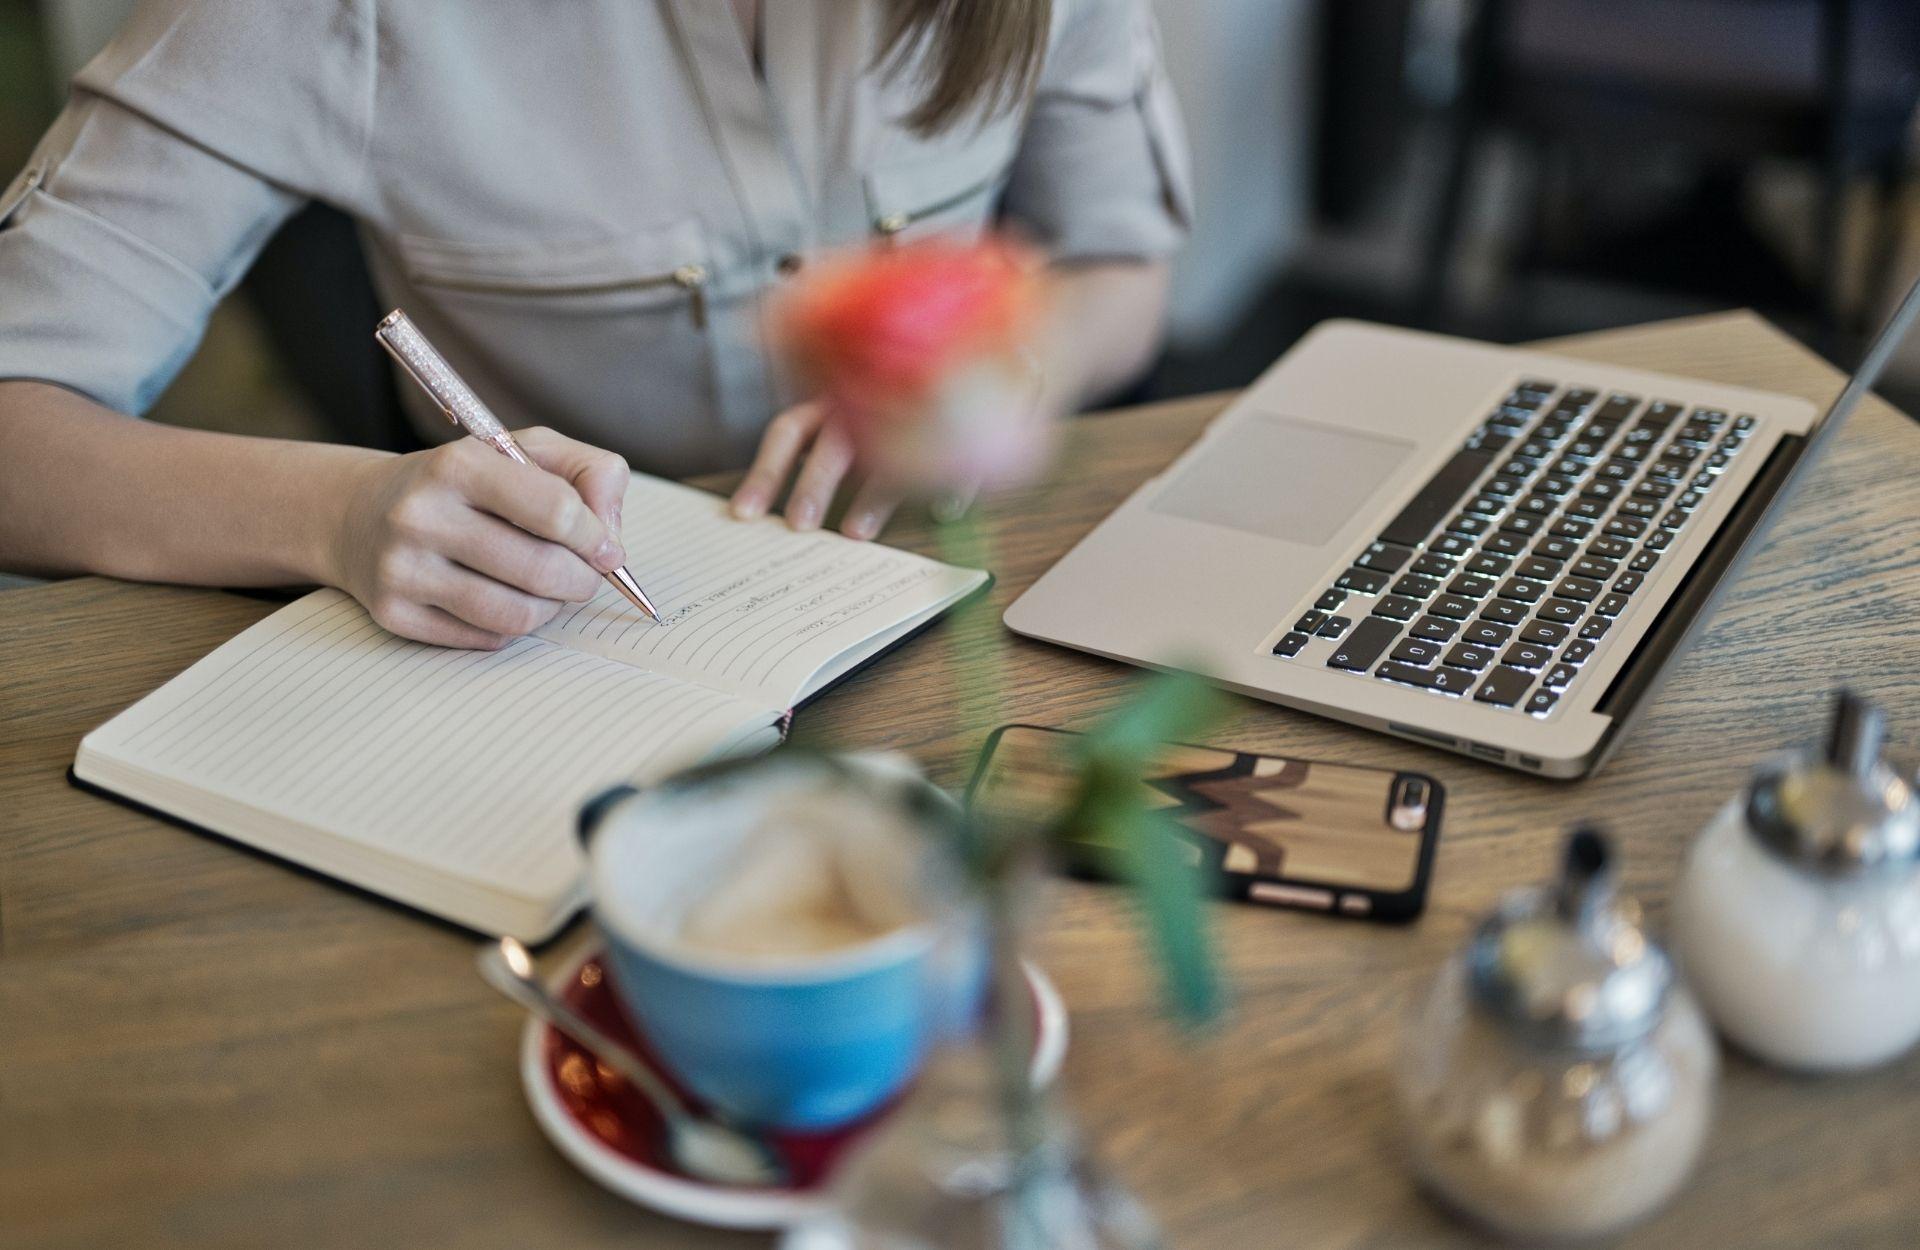 Ecrire son livre professionnel - stage écriture bretagne - fabienne morel d'arleux